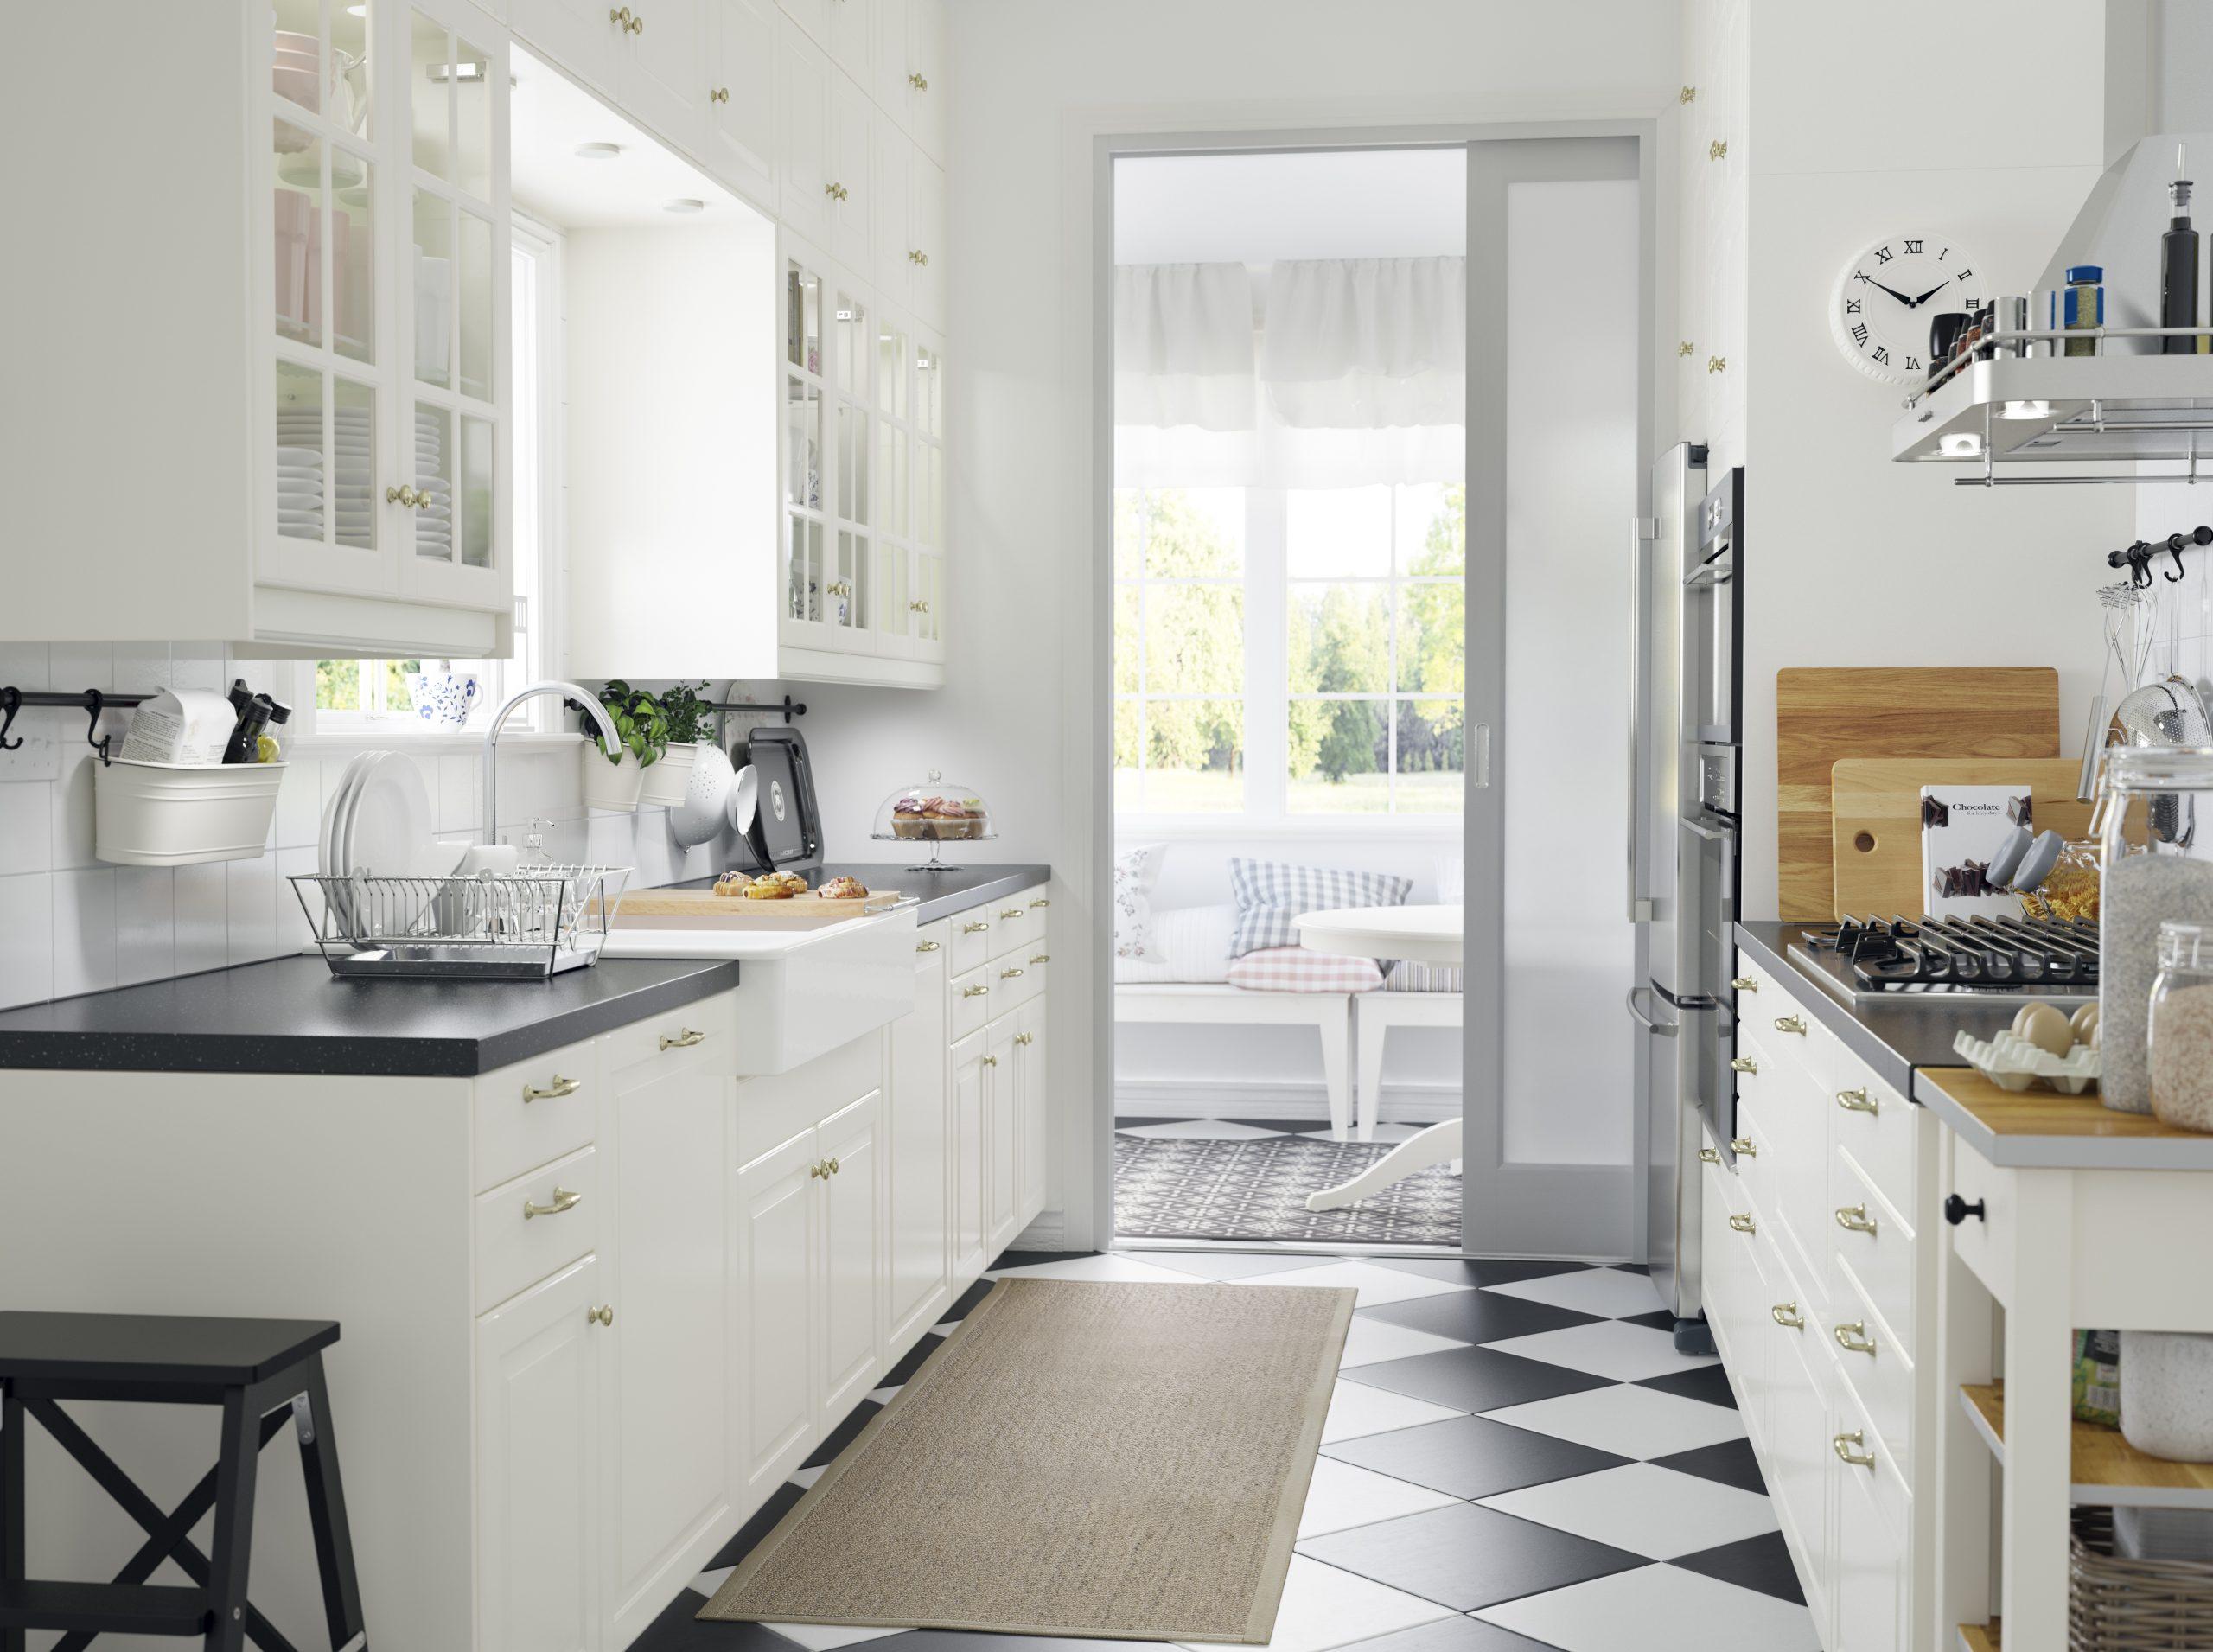 Full Size of Landhausküche Ikea Grau Weisse Küche Kosten Weiß Gebraucht Moderne Betten 160x200 Modulküche Sofa Mit Schlaffunktion Miniküche Kaufen Bei Wohnzimmer Landhausküche Ikea